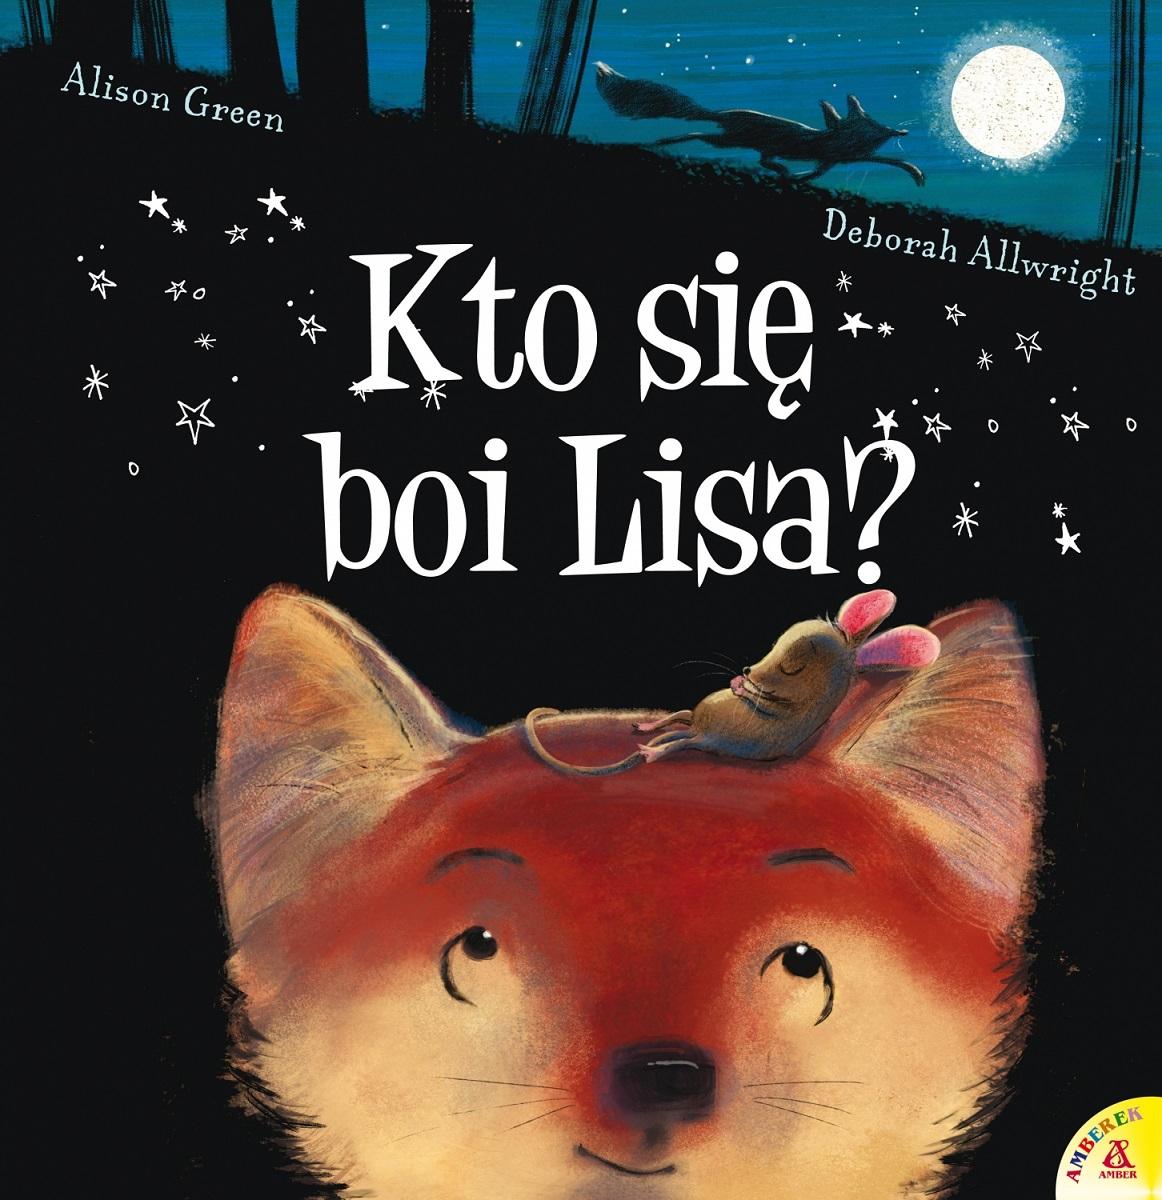 Kto się boi Lisa? Książeczka o pokonywaniu lęku